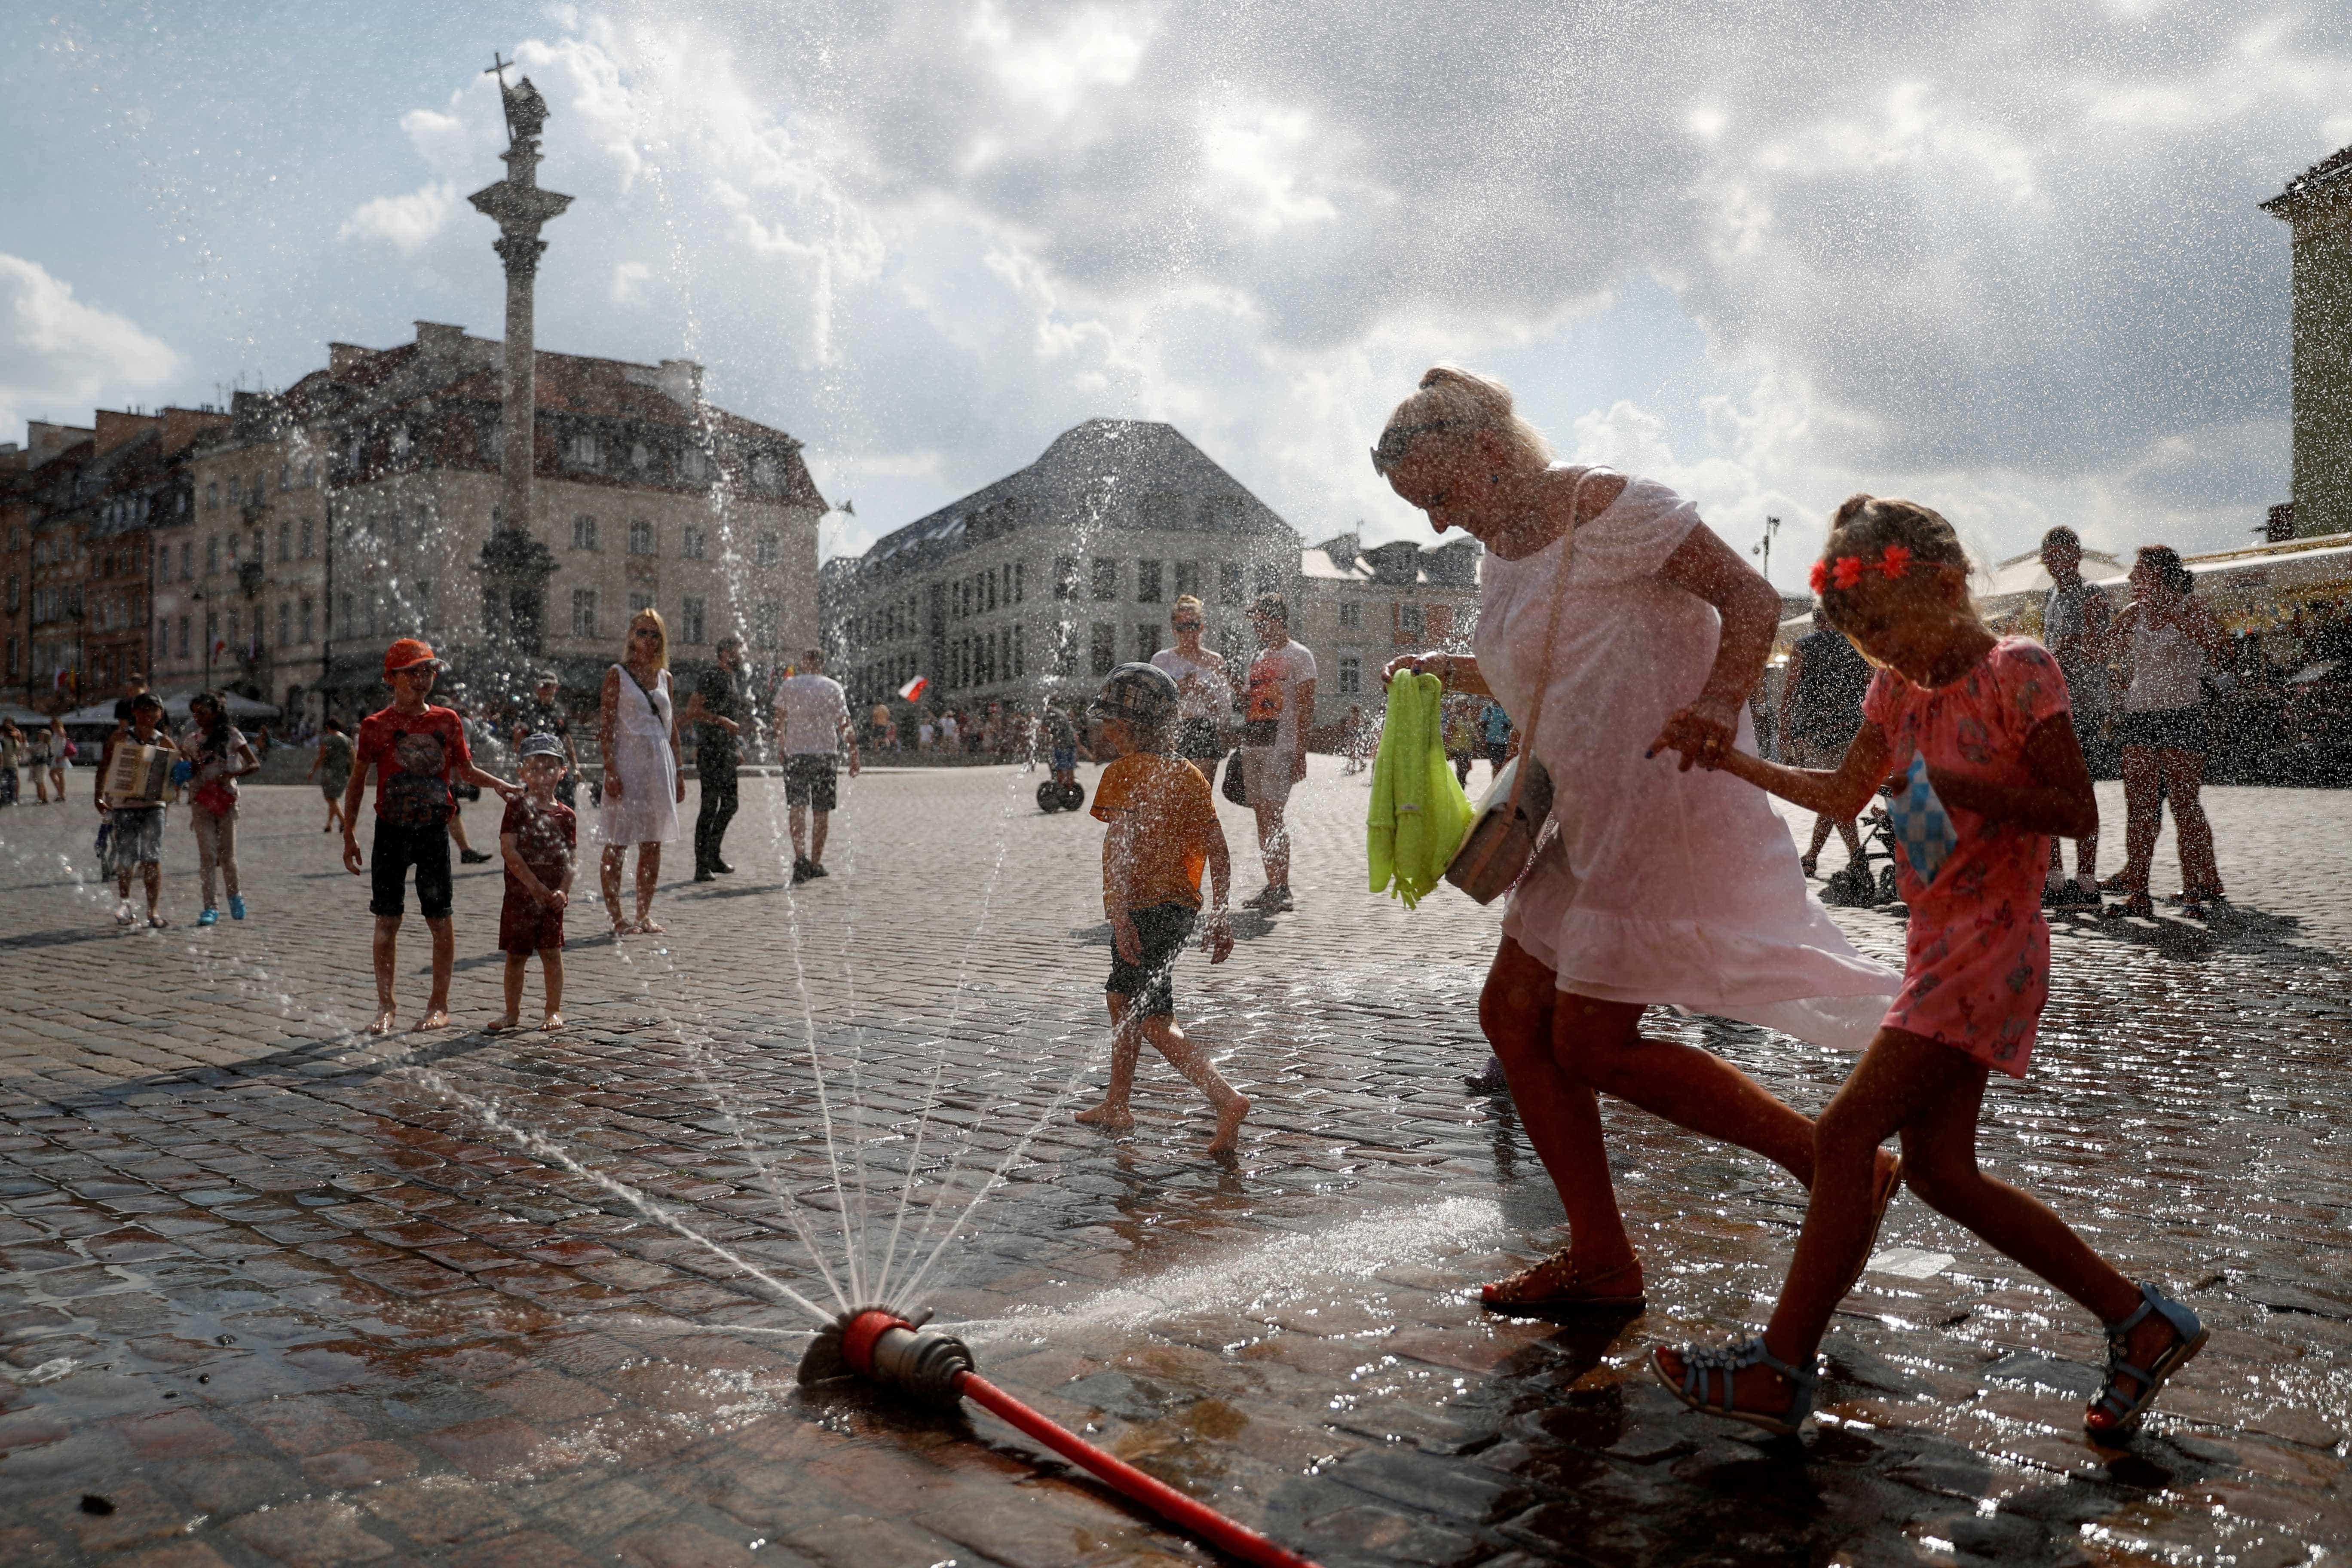 Altas temperaturas: veja as imagens do nada glamuroso verão europeu